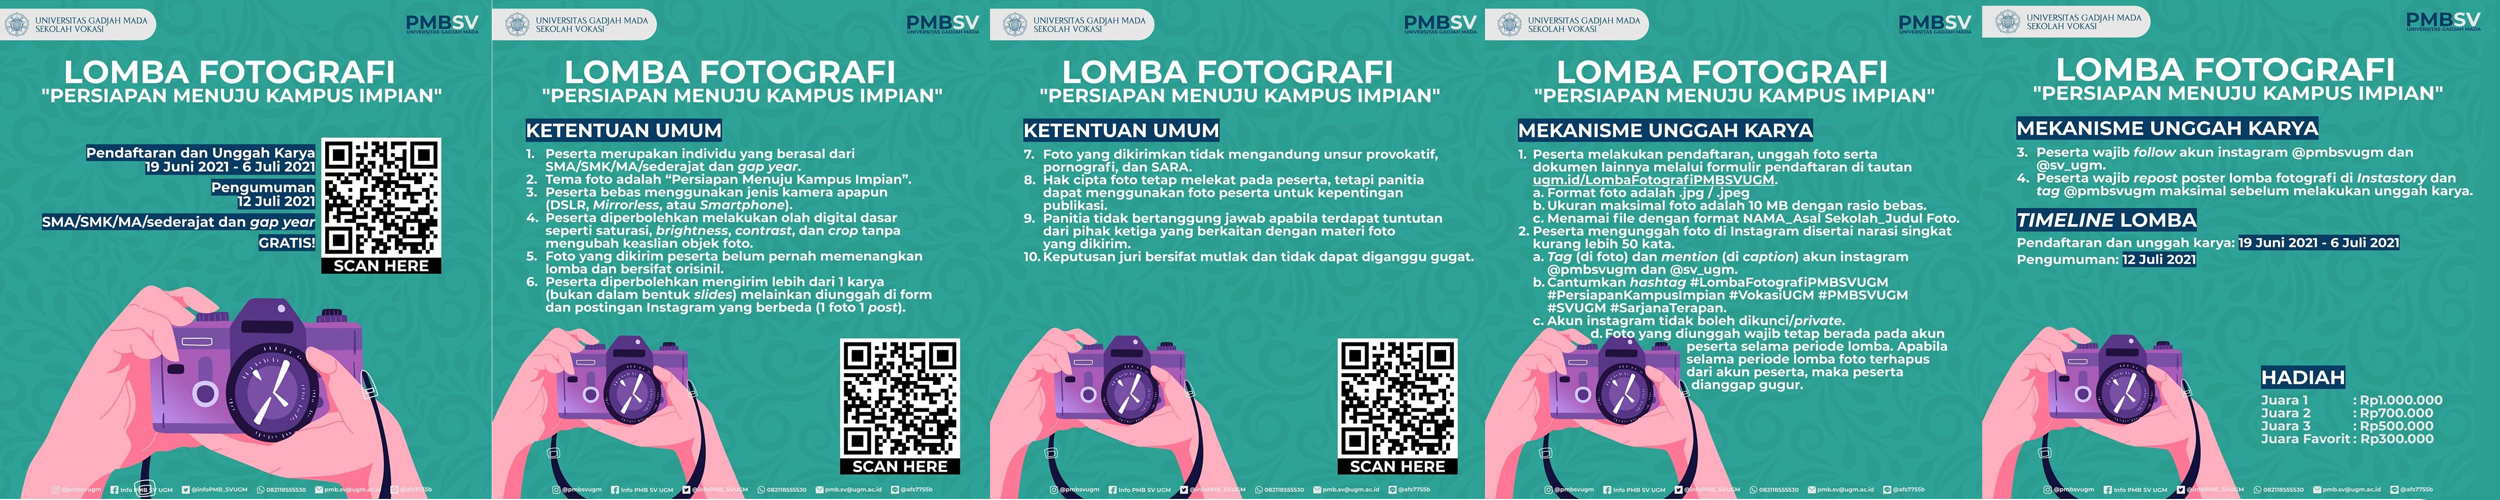 Lomba Fotografi Berhadiah Uang Tunai Jutaan Rupiah oleh PMBSV Universitas Gadjah Mada